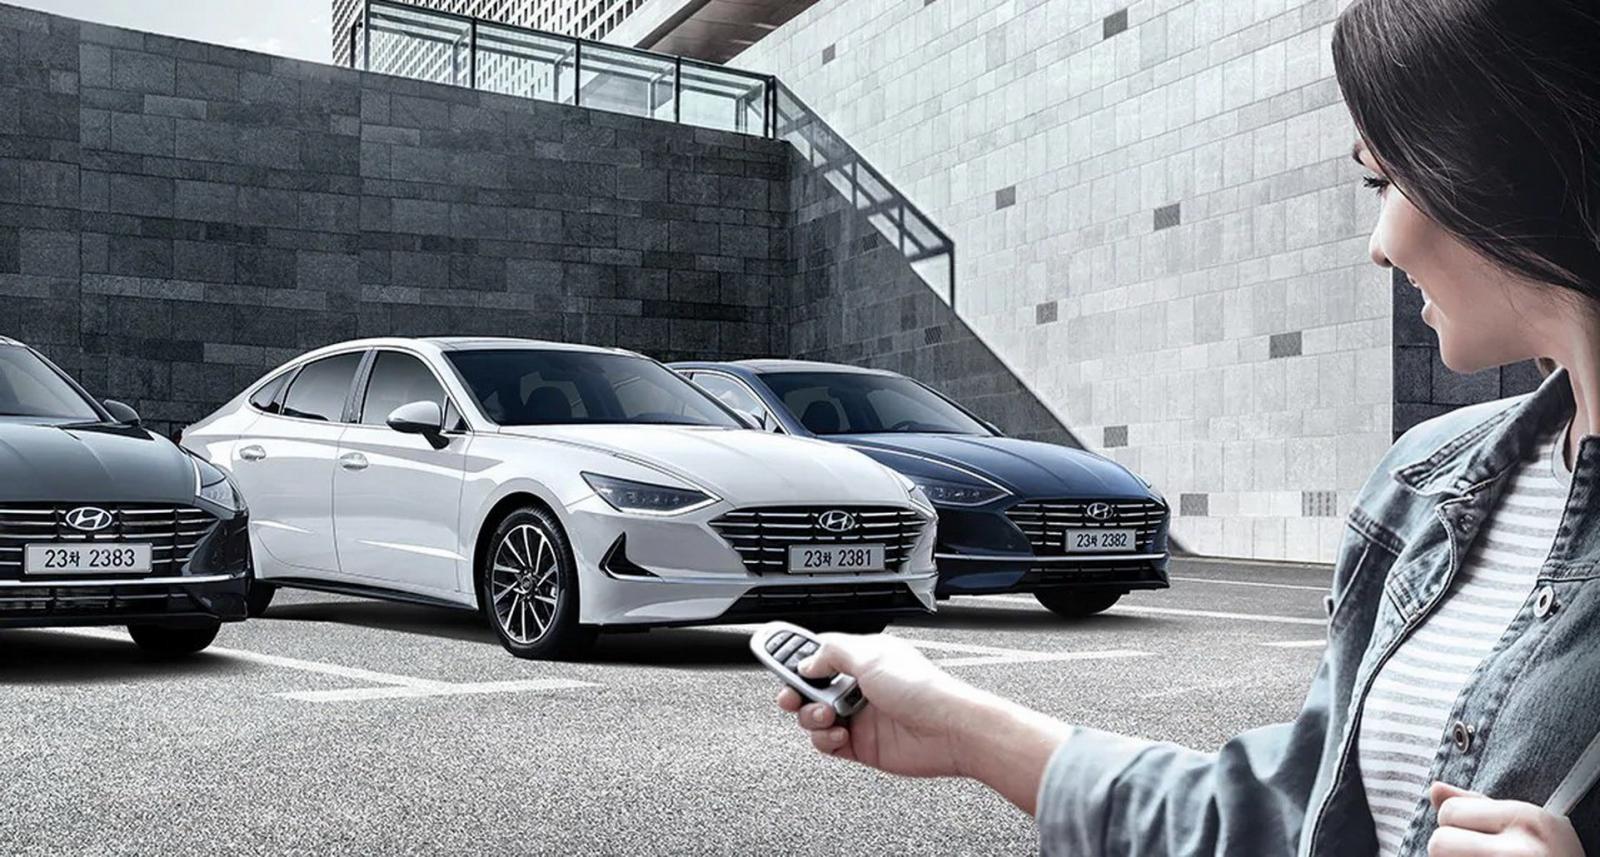 Người dùng Hyundai Sonata 2020 không cần ngồi trong buồng lái mà vẫn có thể đưa xe vào chỗ đỗ